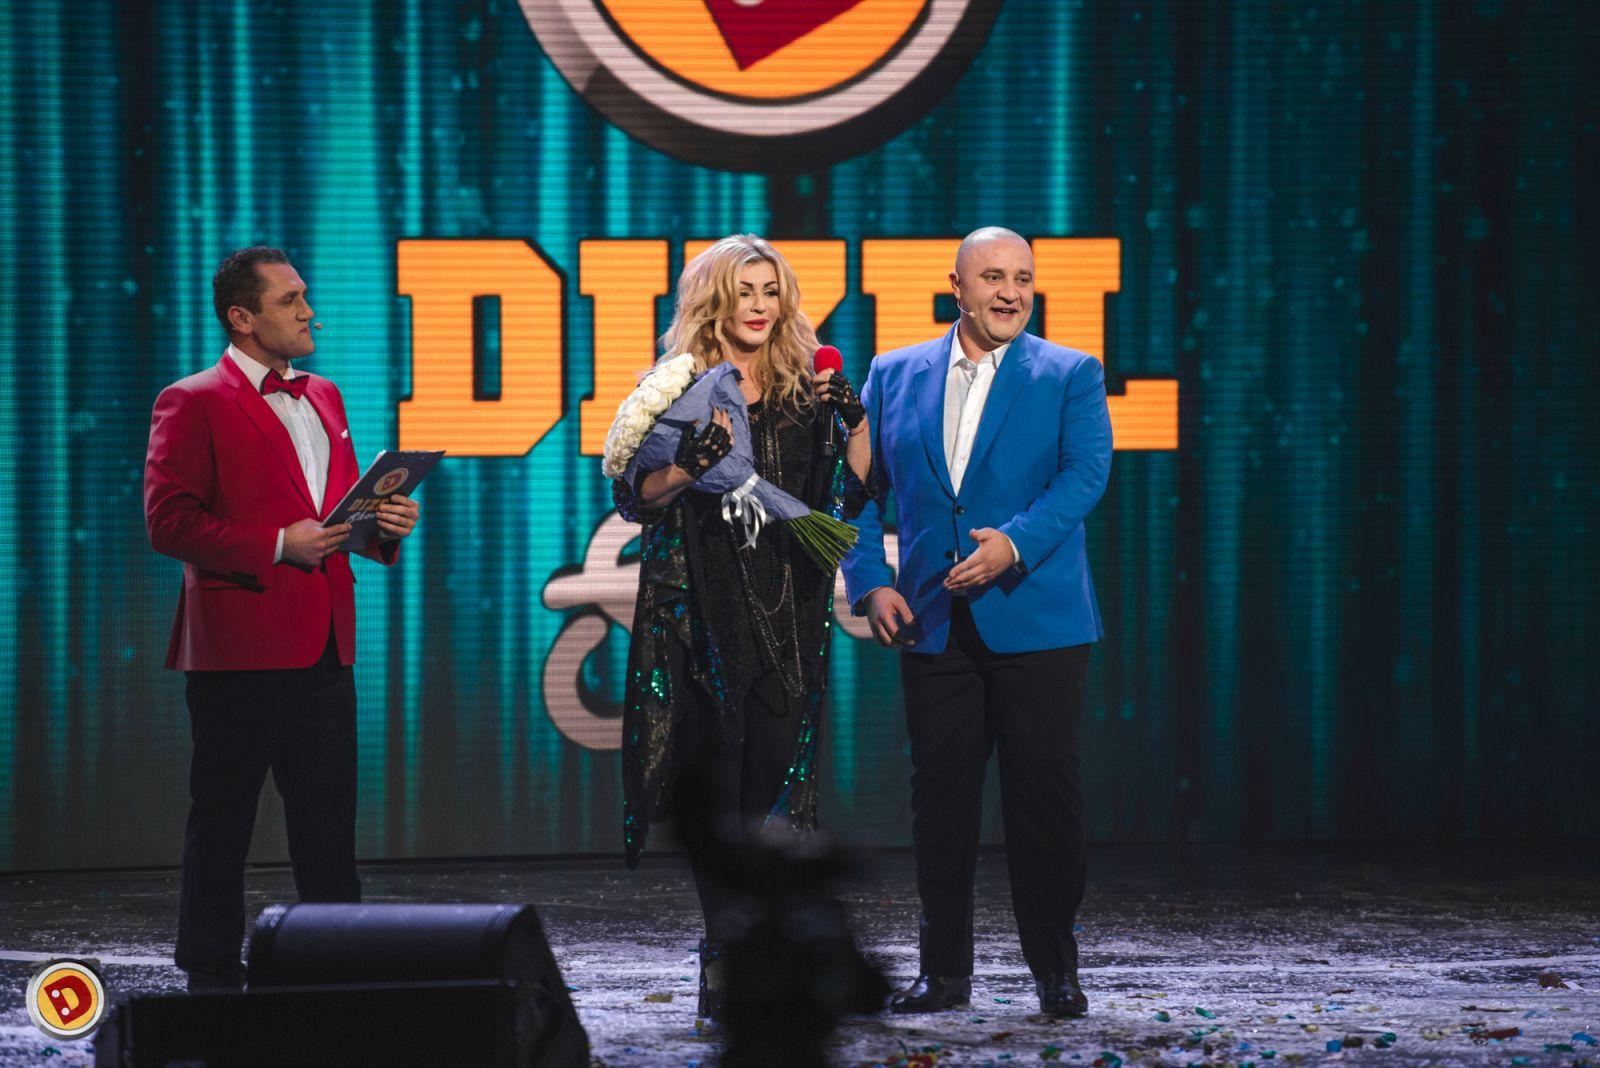 Ирина Билык продемонстрировала свой эффектный новогодний образ